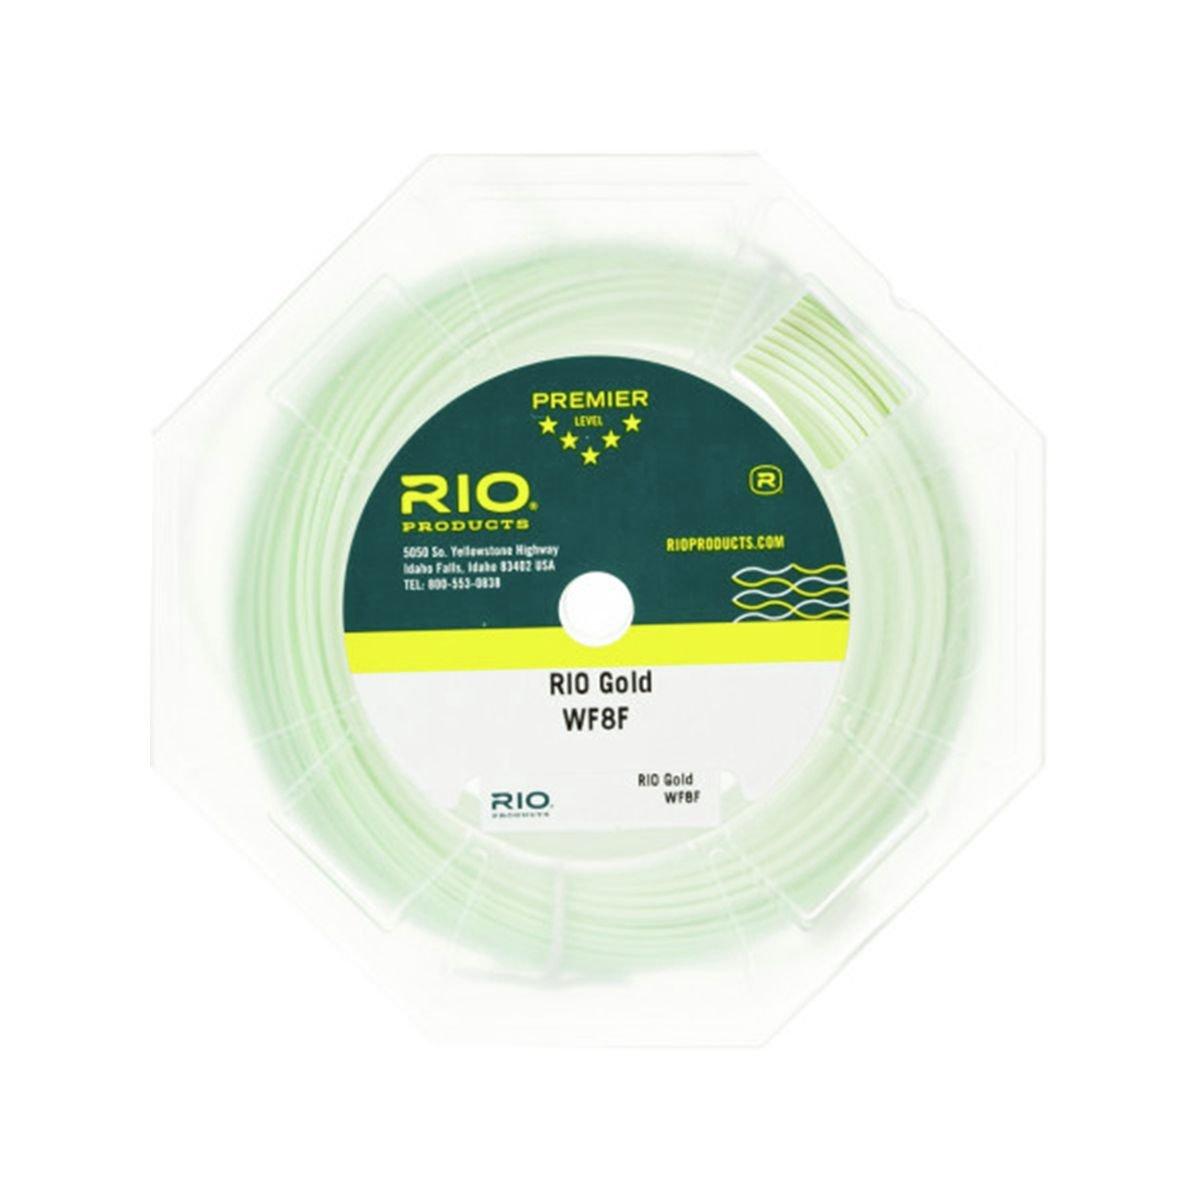 【福袋セール】 RIO RIO Lumalux ゴールドフライライン WF6F Lumalux WF6F B009KUC3LU, ミヌマク:6c1c6a9d --- a0267596.xsph.ru